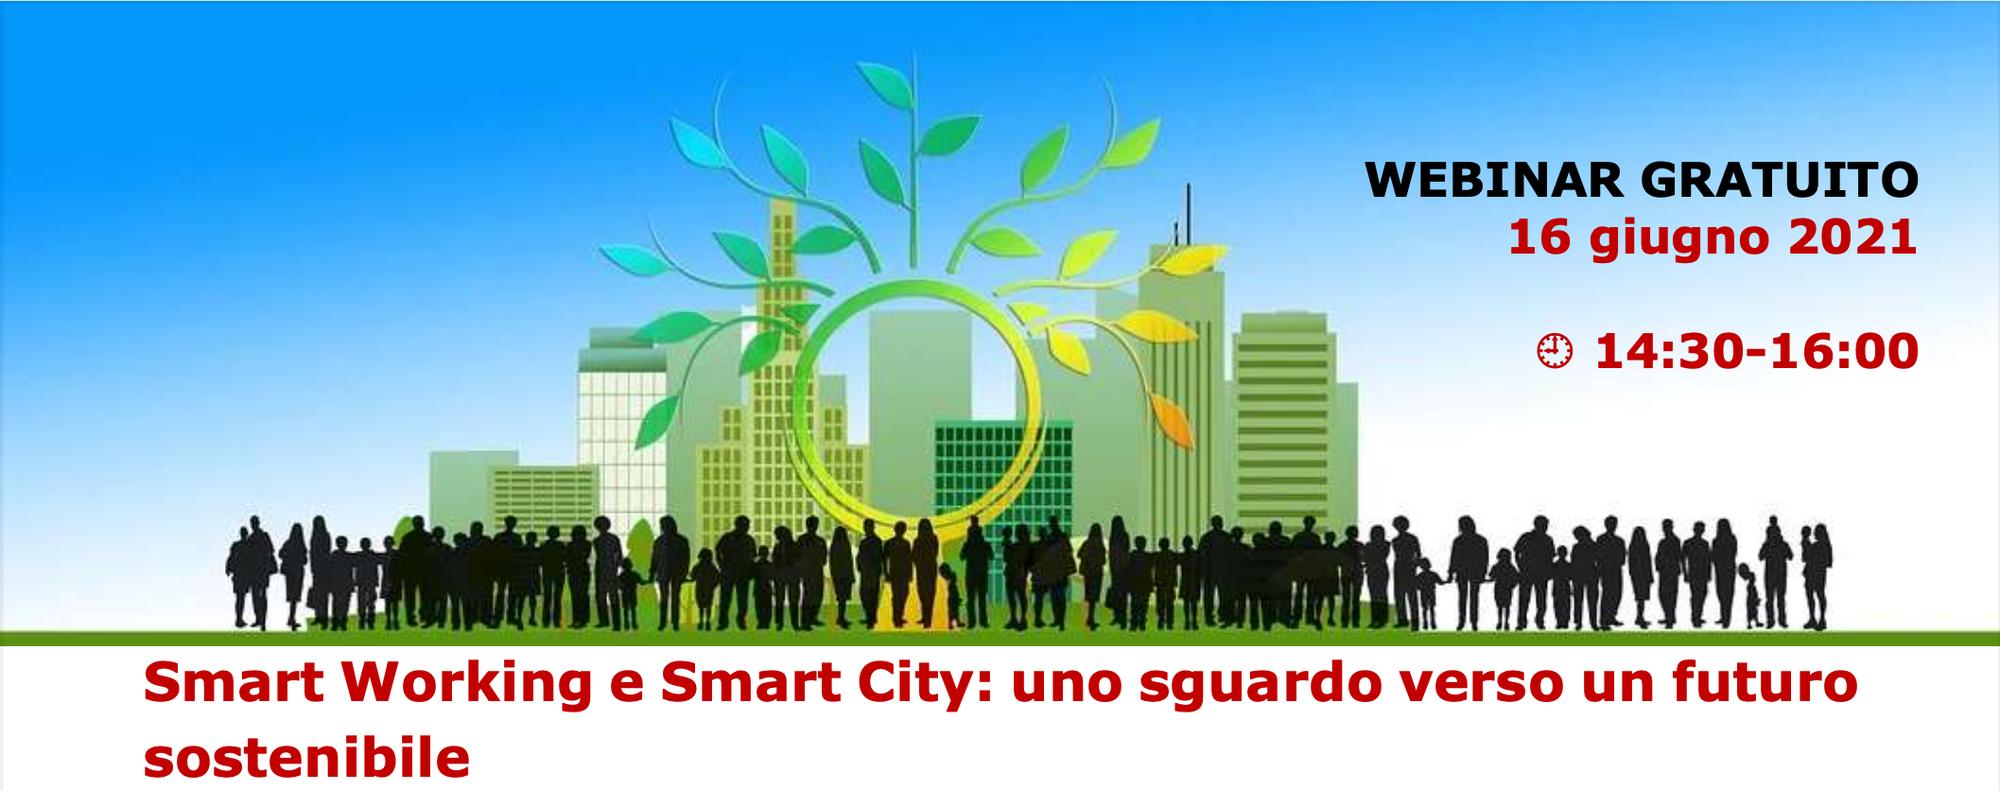 Smart City e Sostenibilità: il 16 giugno Variazioni partecierà al webinar del progetto mantovano Smart Companies 3.0